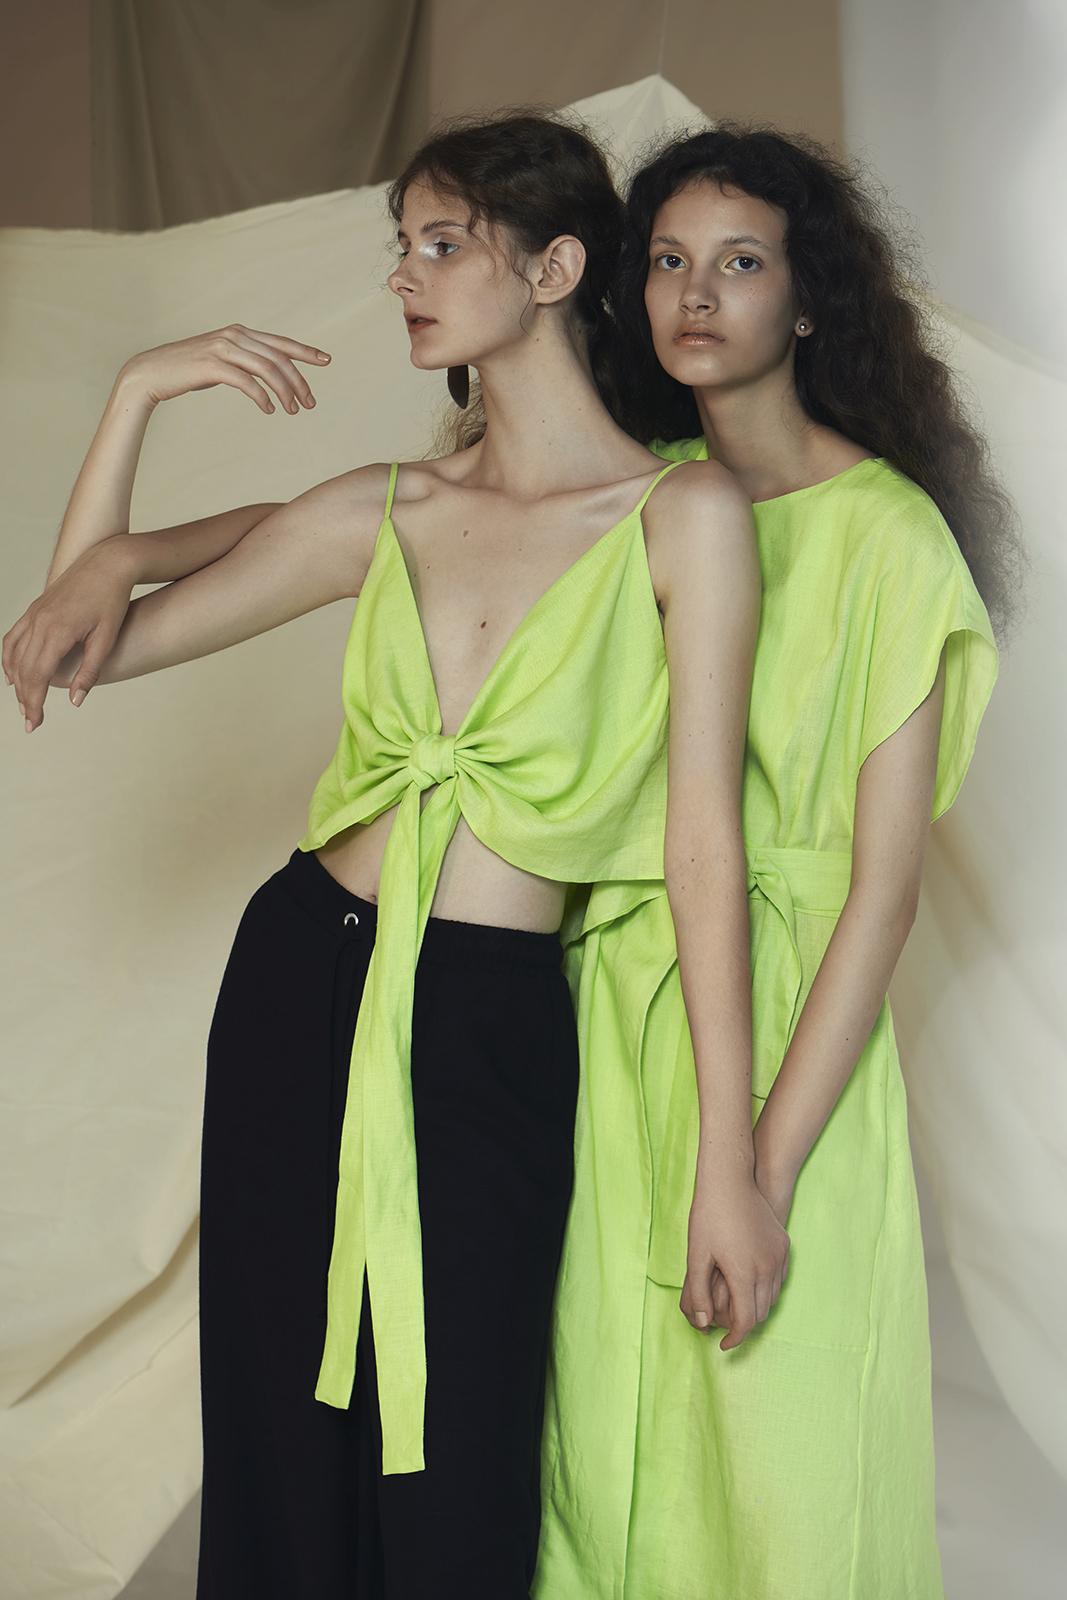 RGLOOR, marca de moda de luxo sustentável e resíduo zero